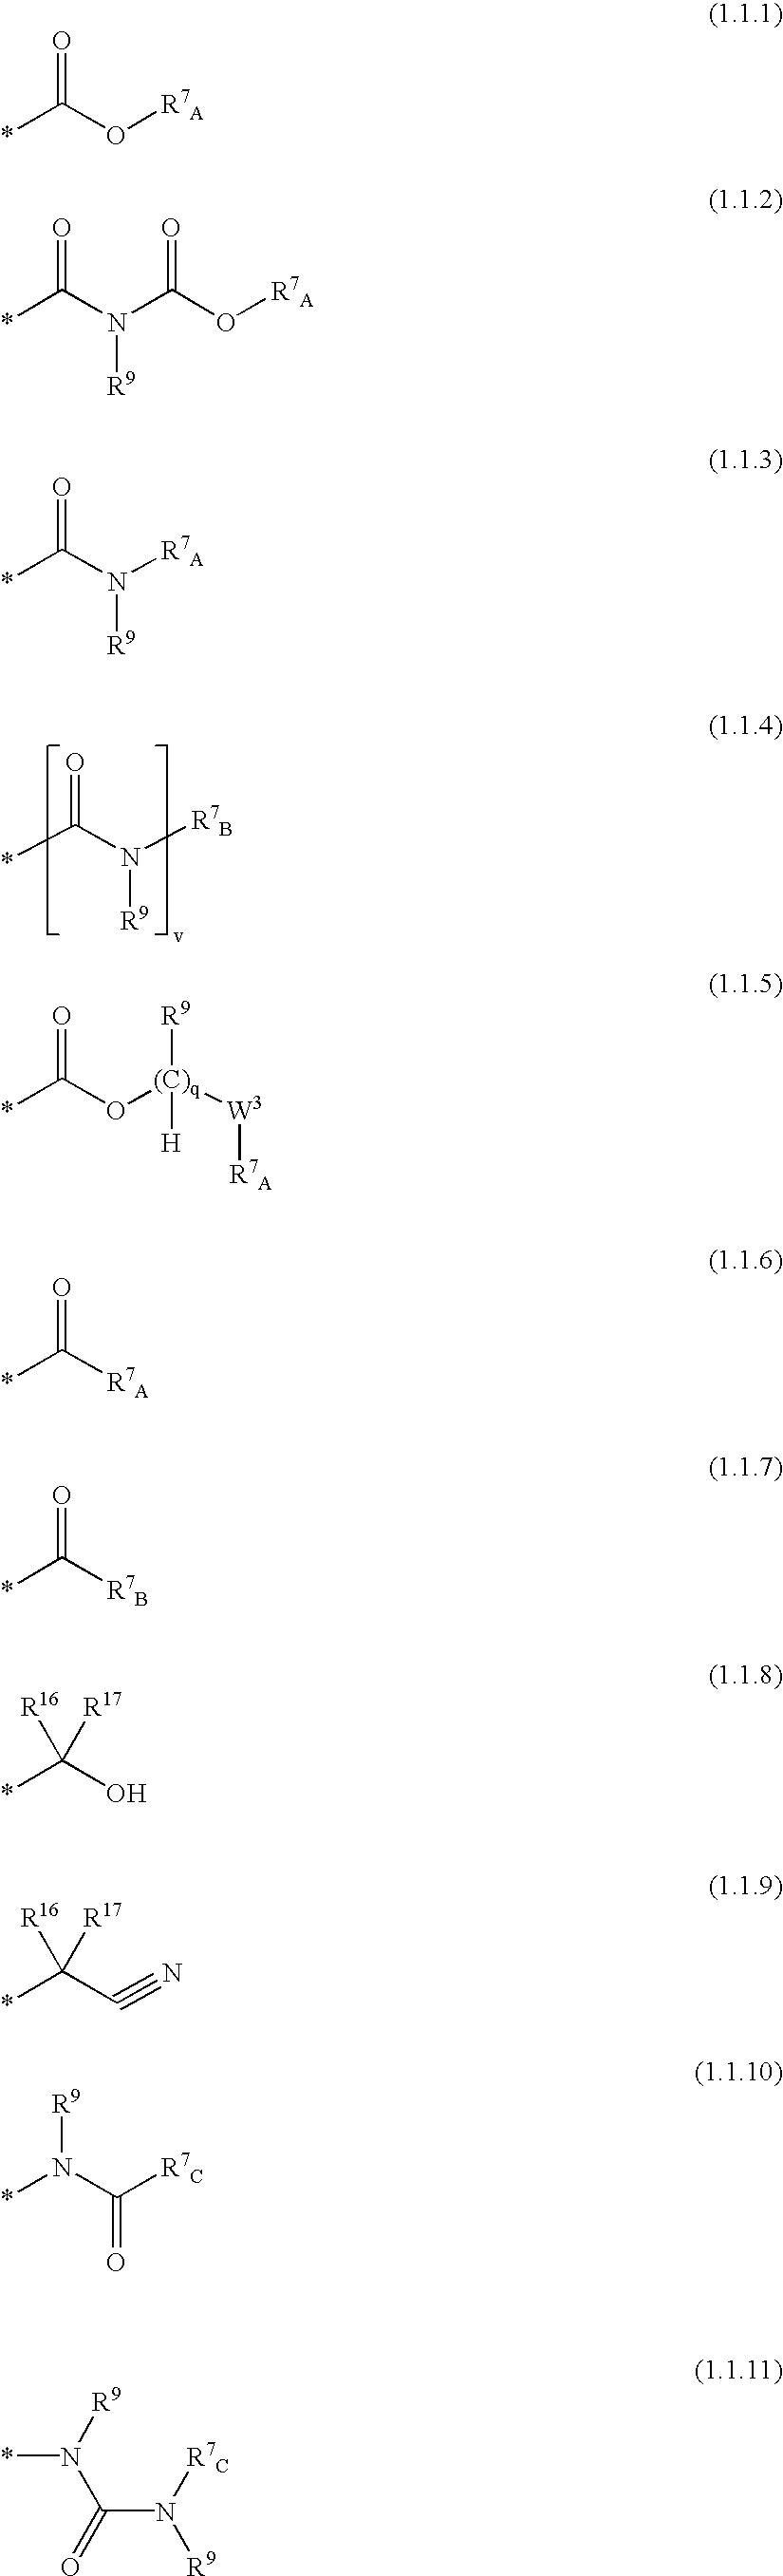 Figure US20030186974A1-20031002-C00065